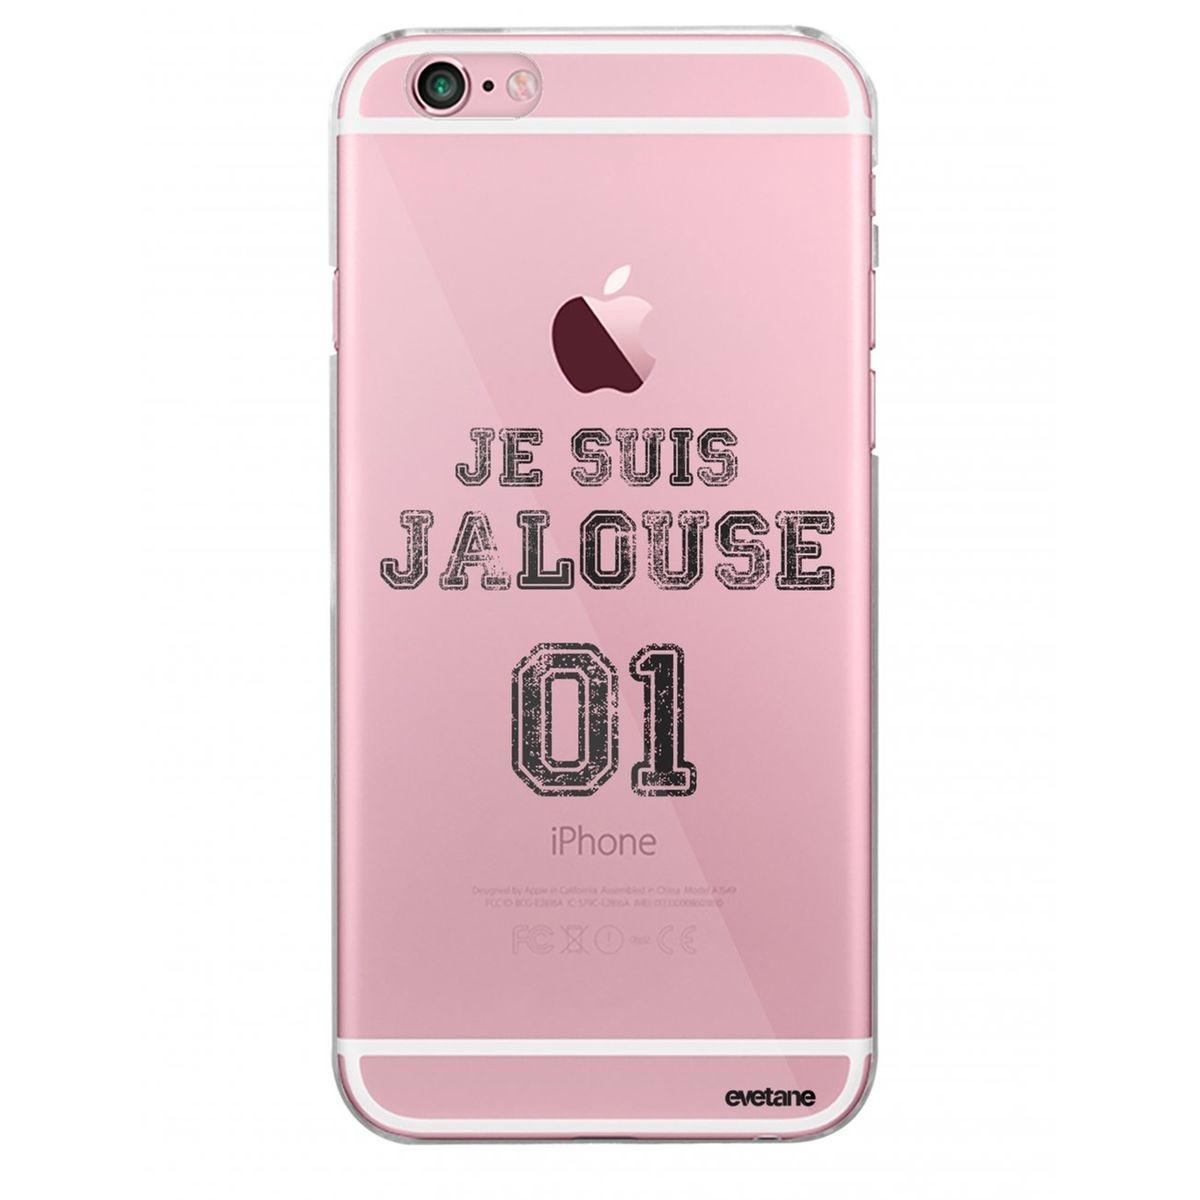 Coque iPhone 6 Plus / 6S Plus rigide transparente, Jalouse 01, Evetane®